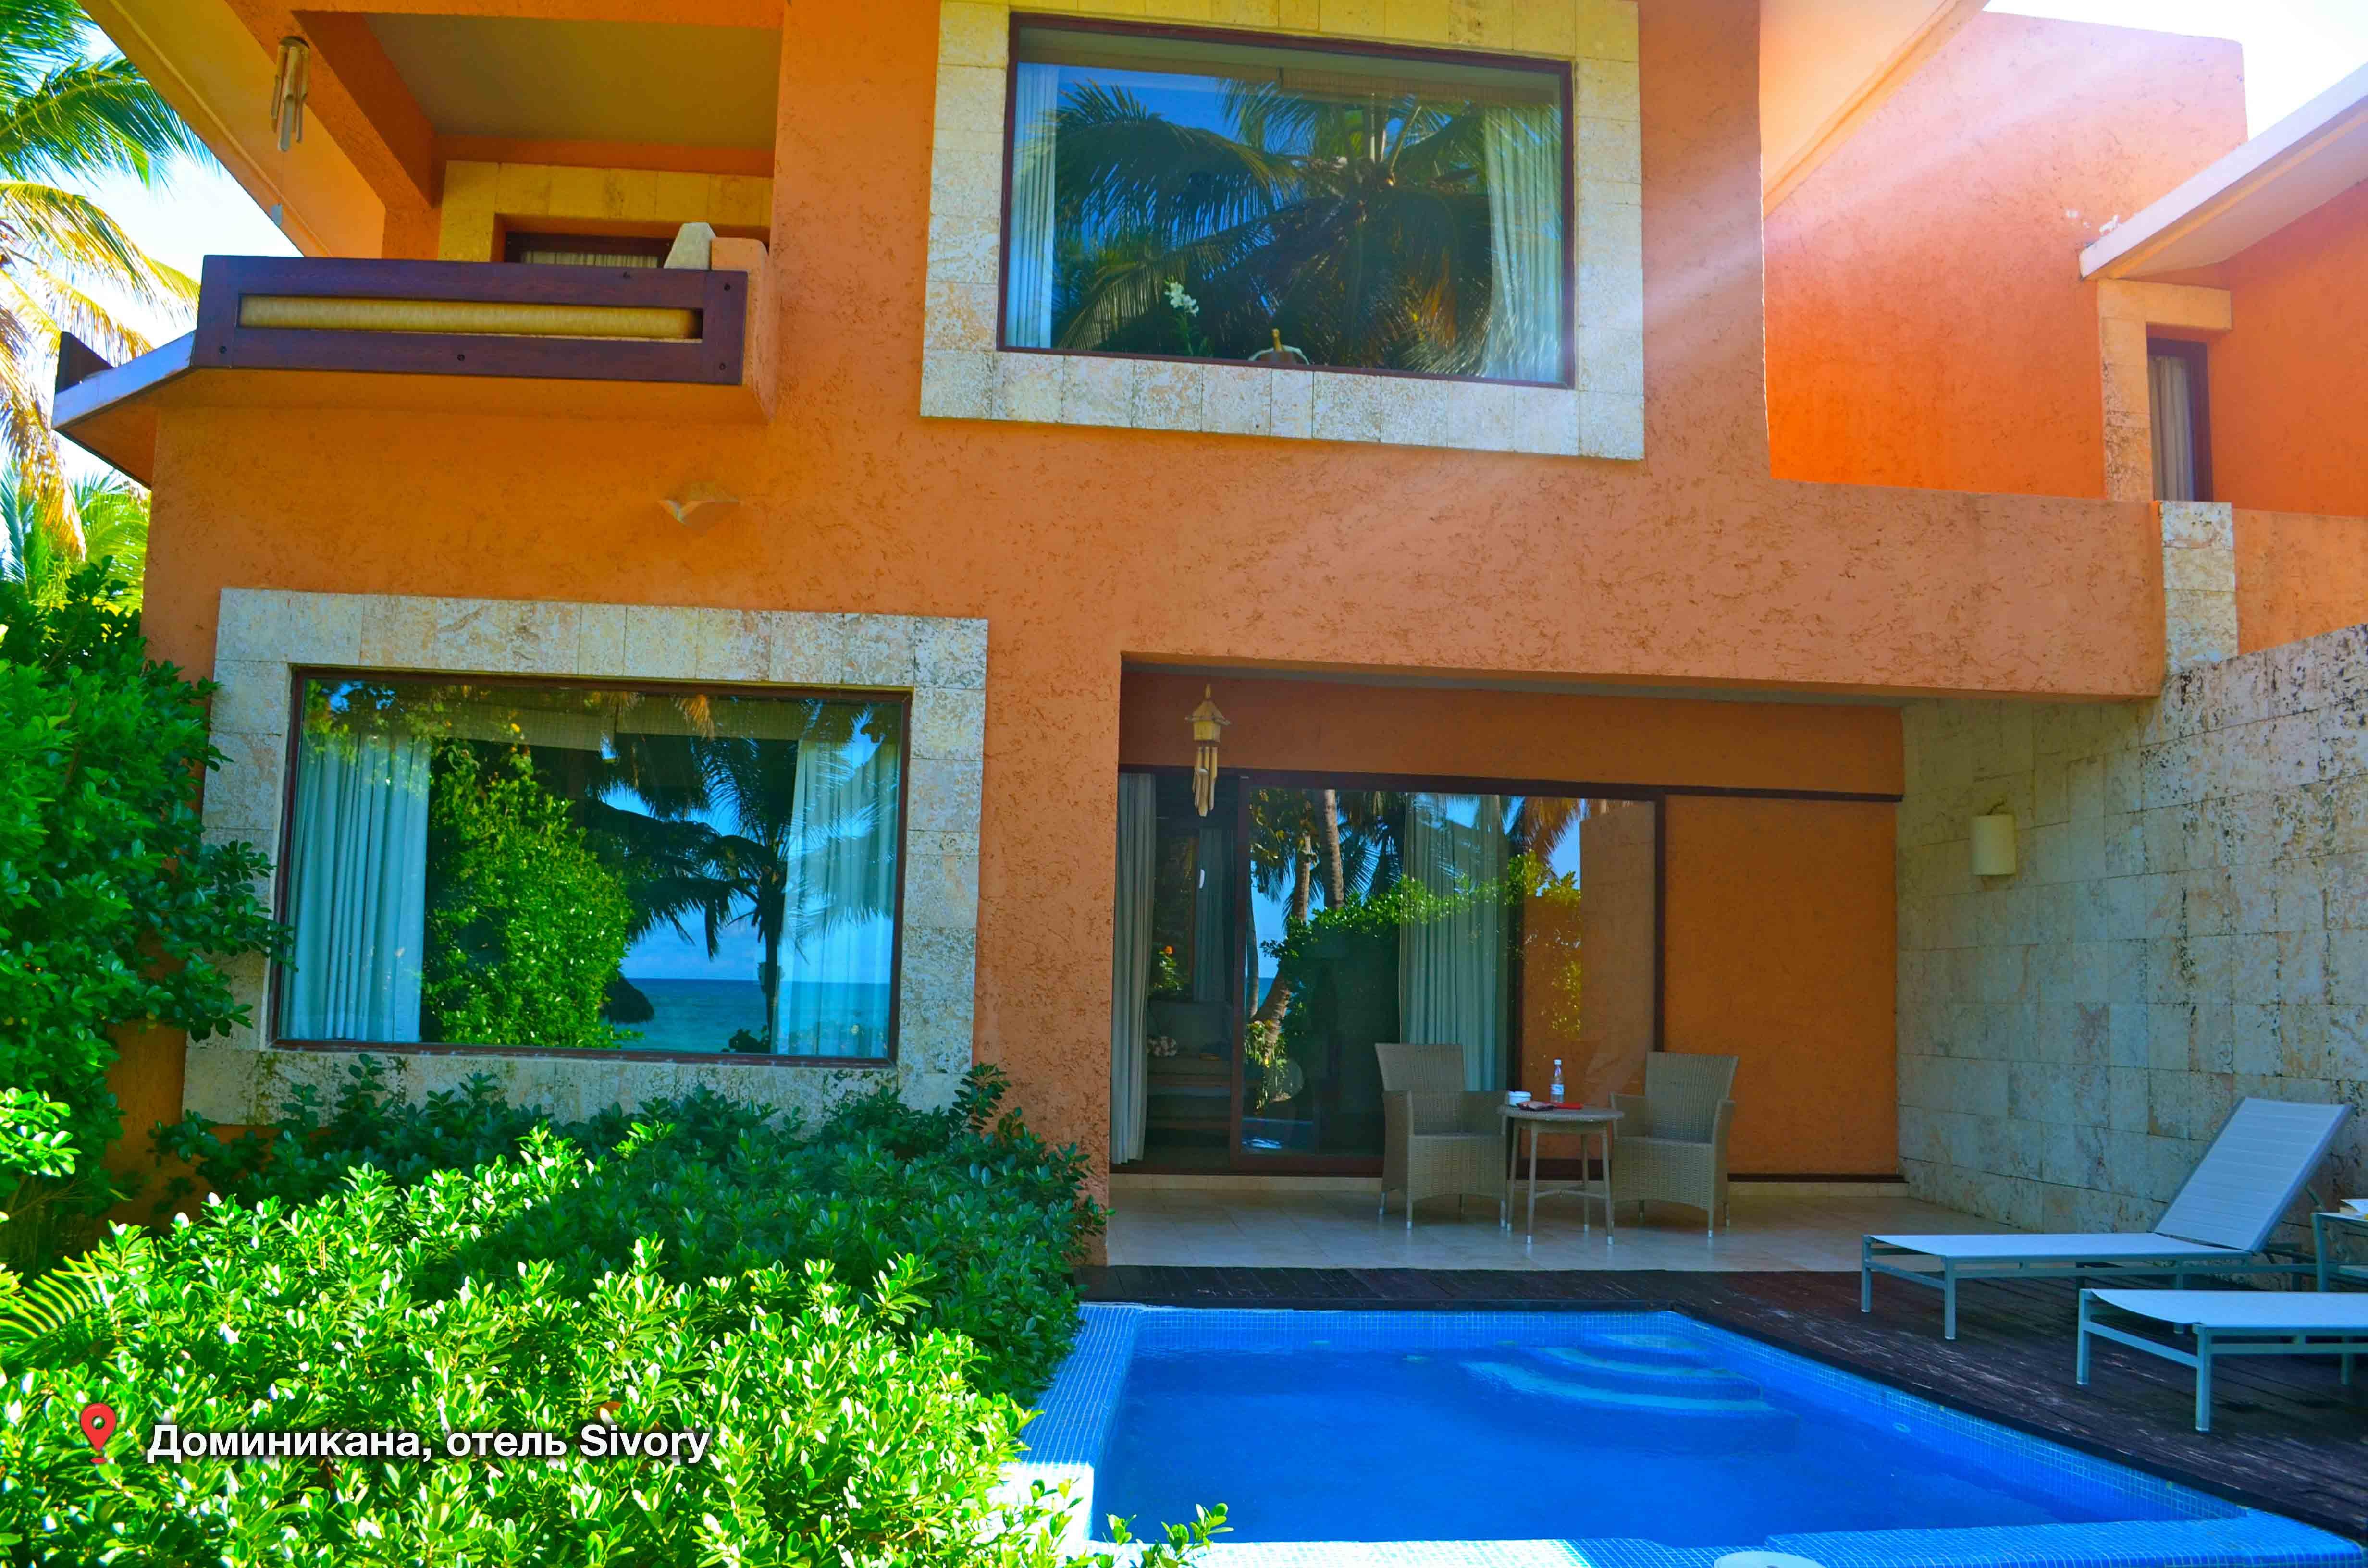 Отдых в апреле в Доминикане, отель Sivory, куда поехать, что посмотреть.